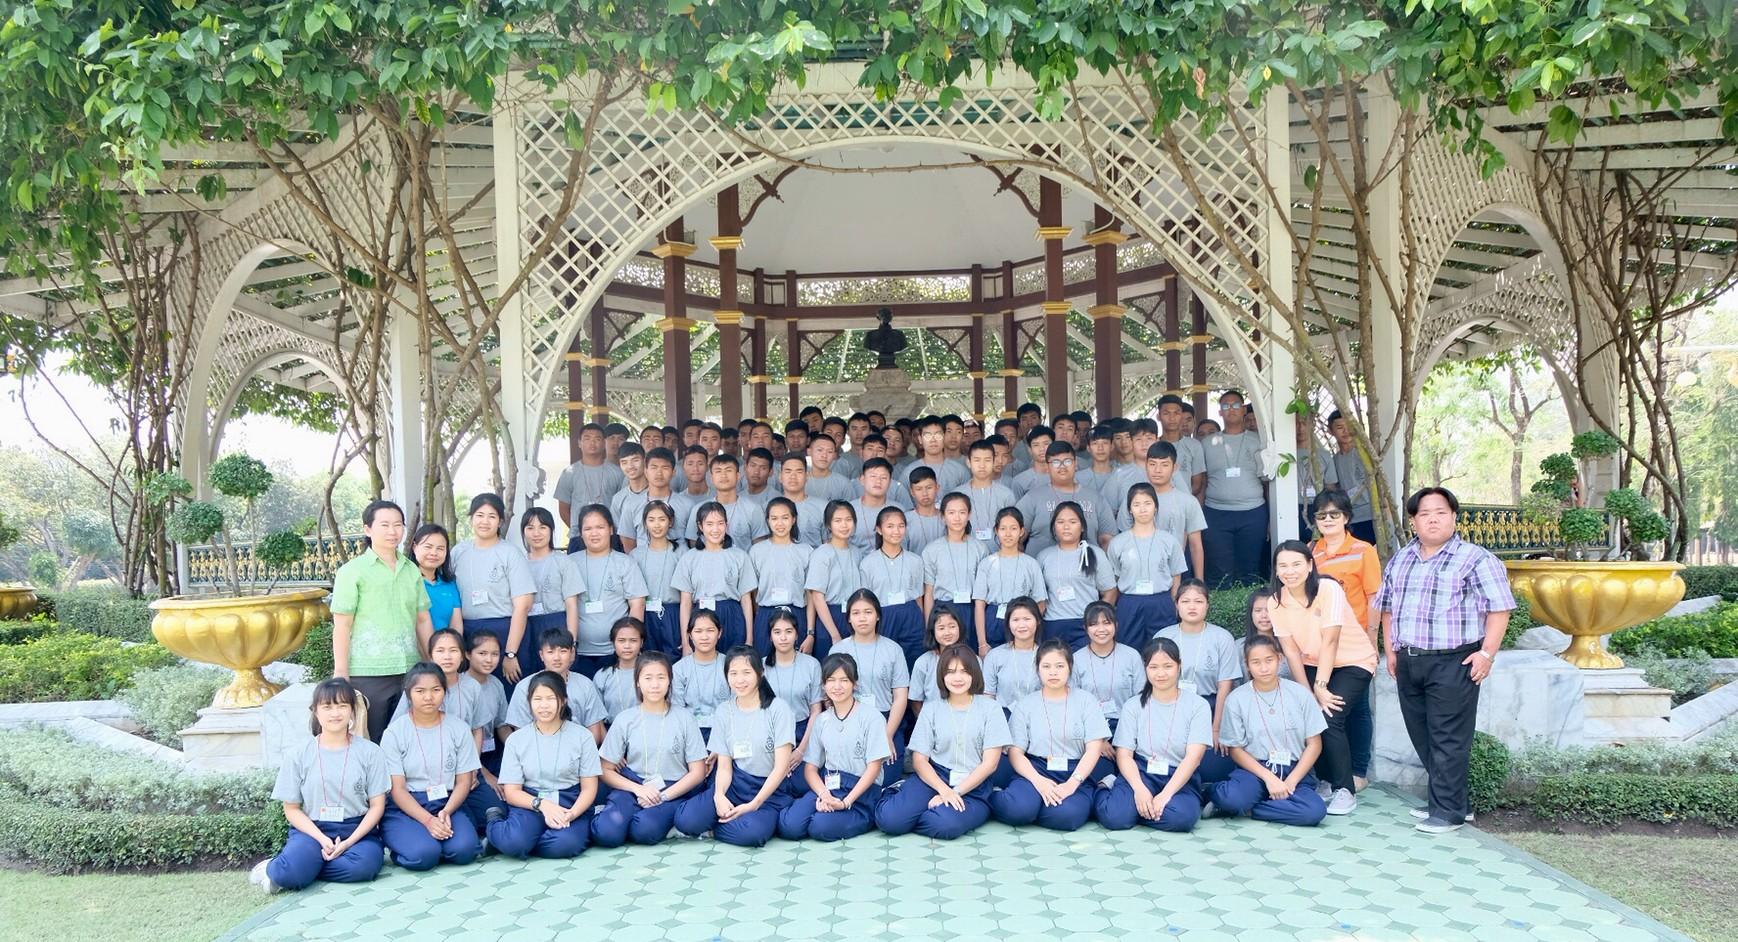 โครงการค่ายเยาวชนส่งเสริมคุณธรรมจริยธรรมนักเรียน